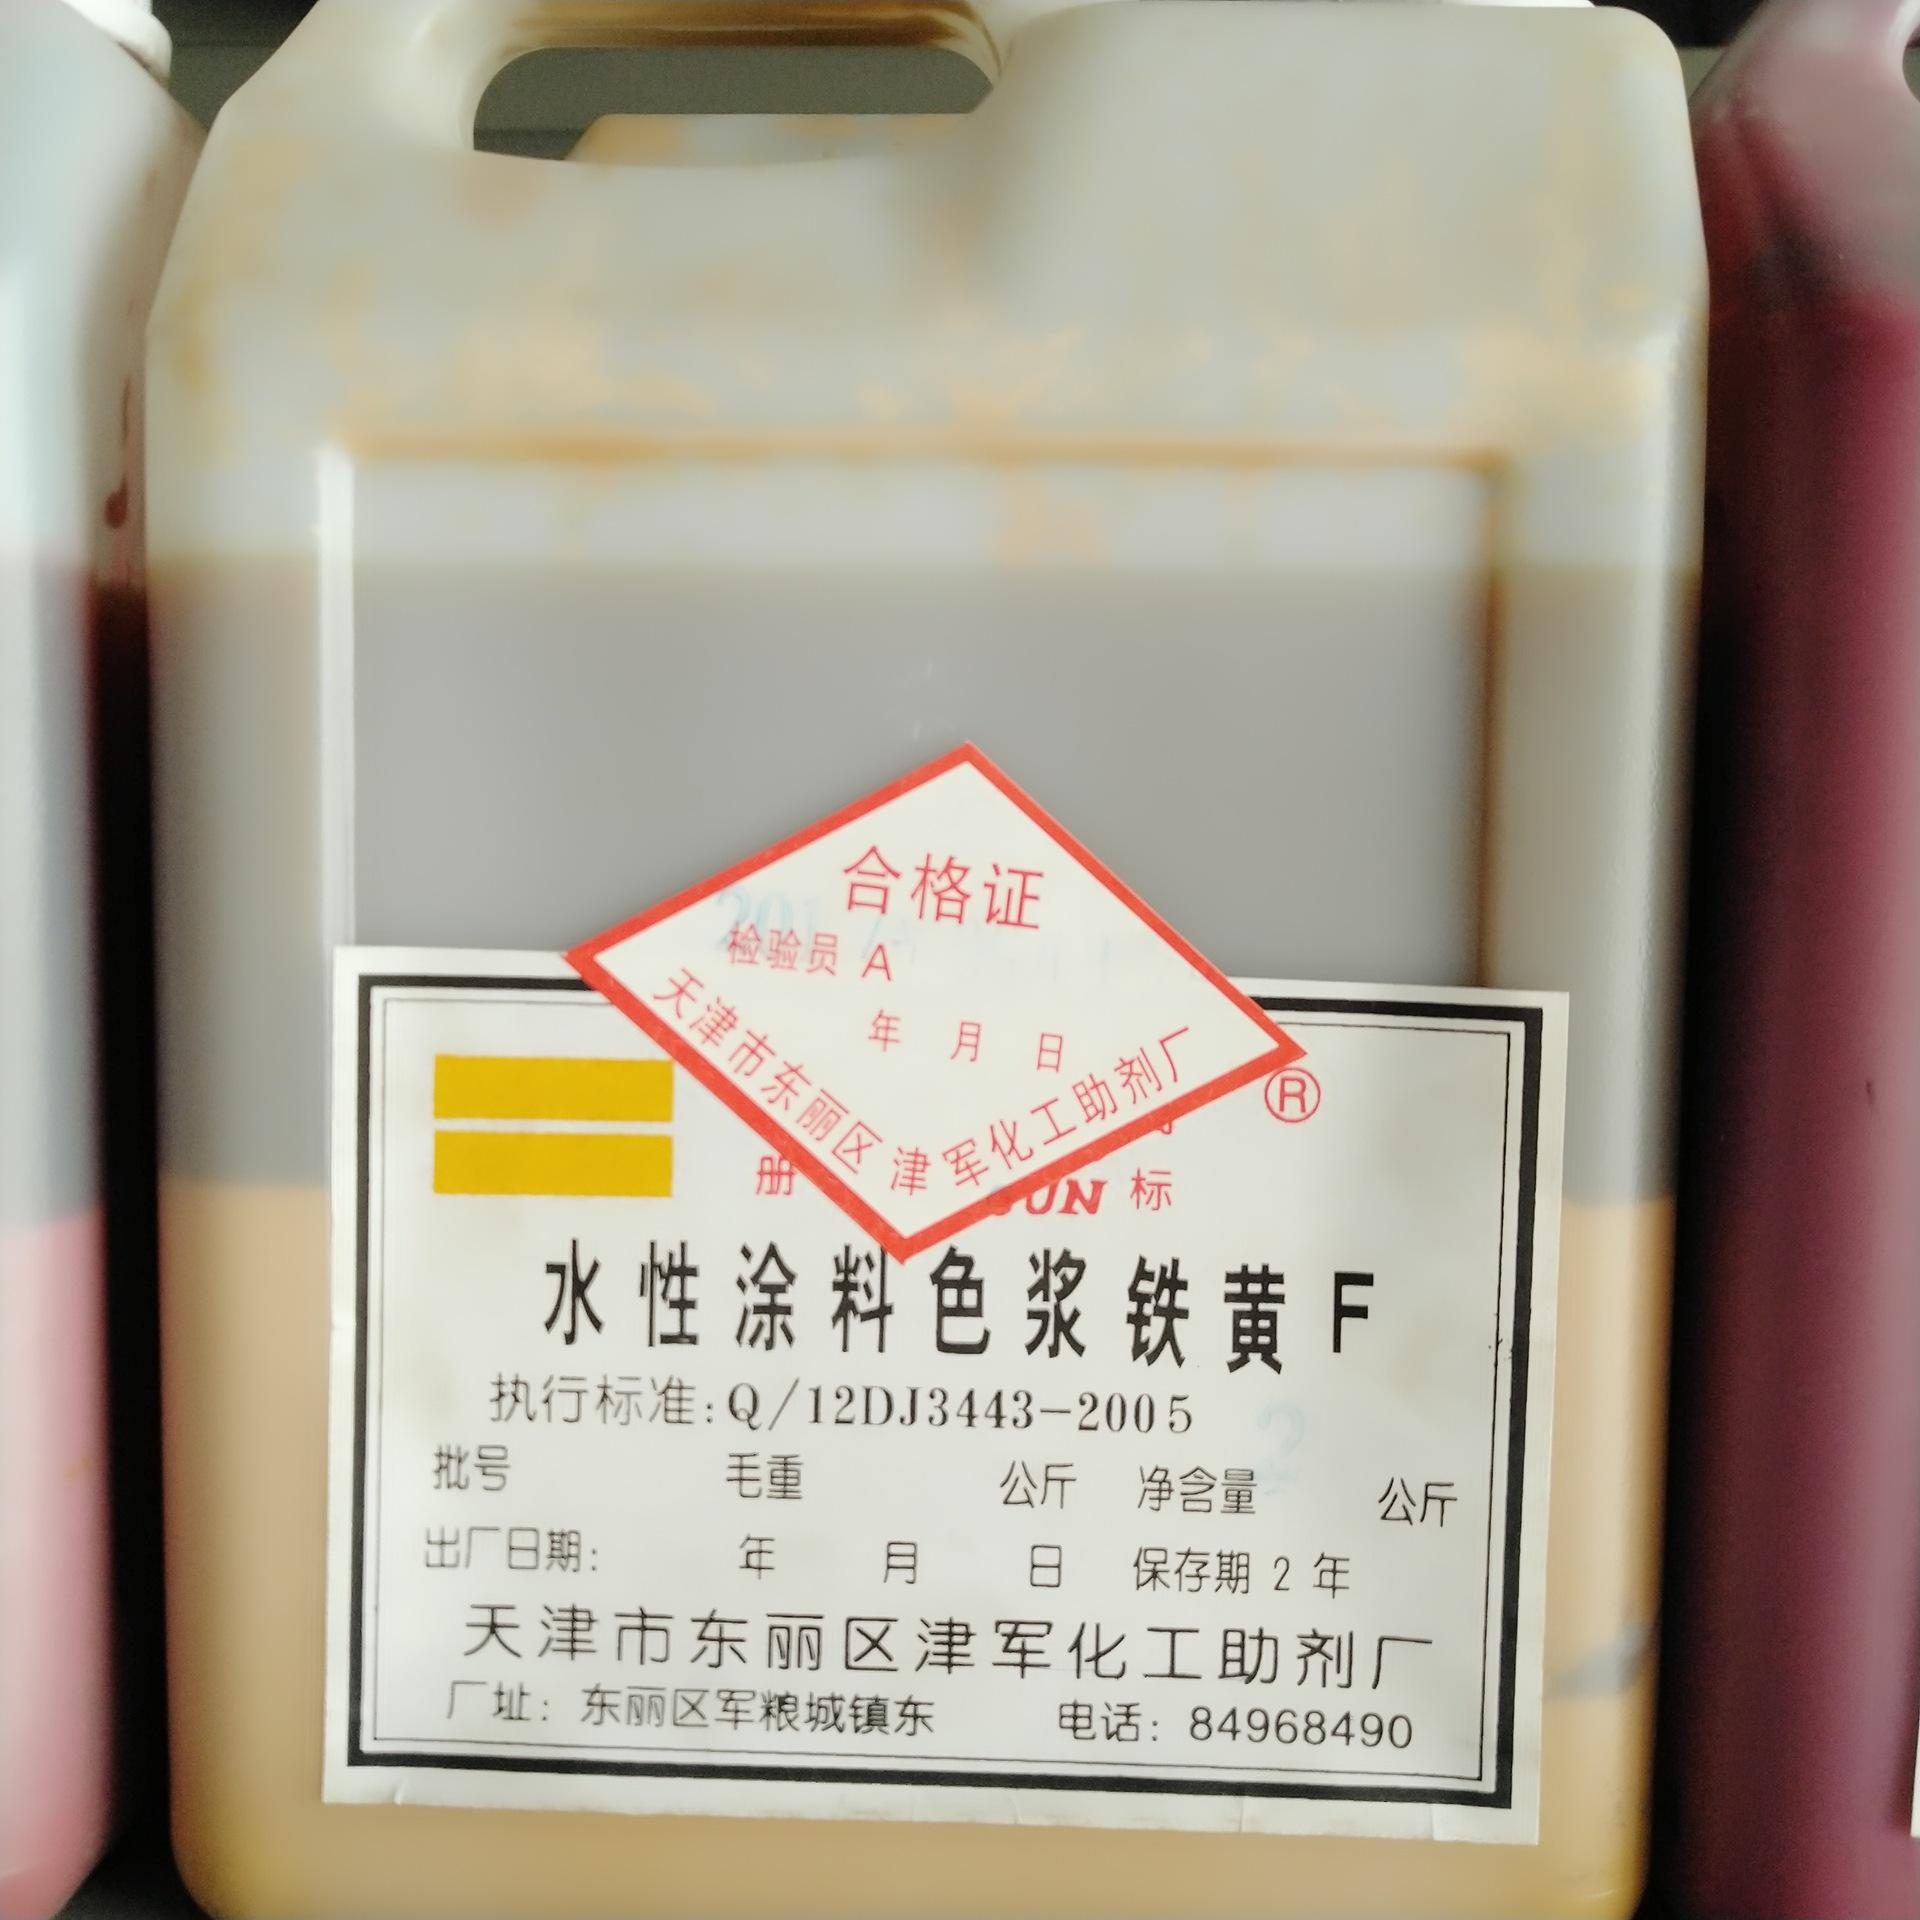 津军牌铁黄色浆 水性环保色浆 内外墙 涂料色浆 印花色浆